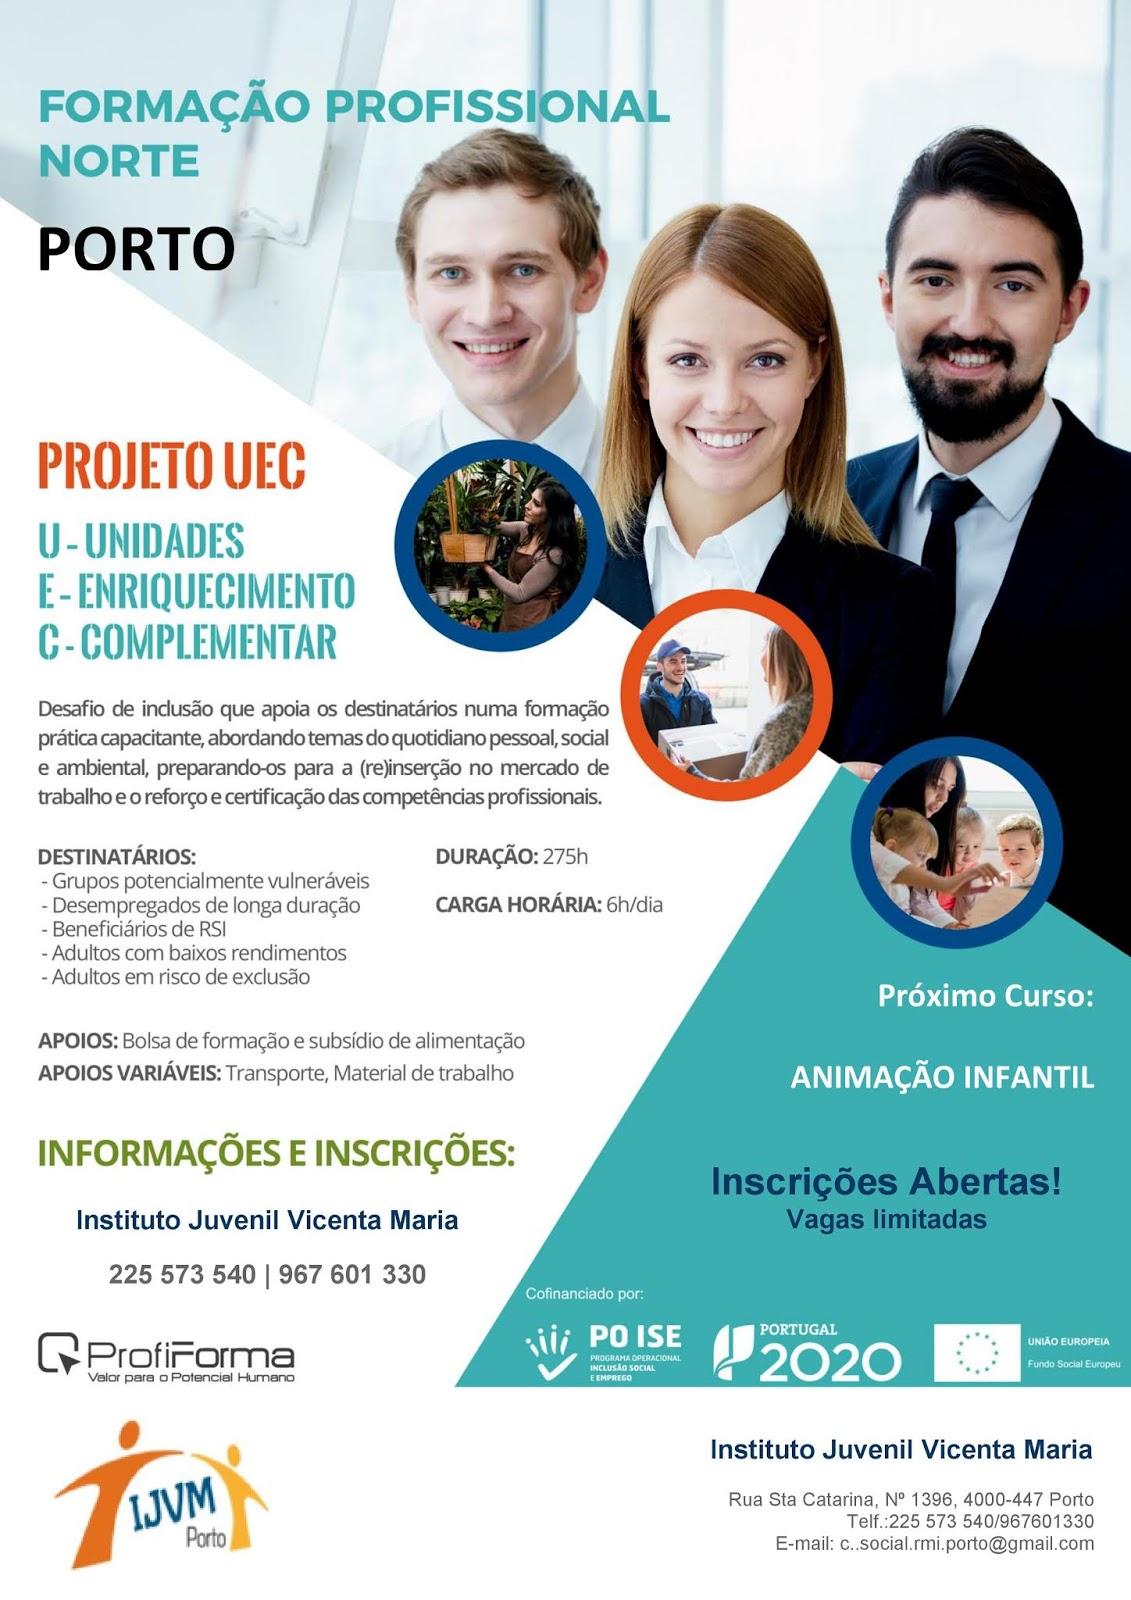 Formação financiada no Porto – 2018